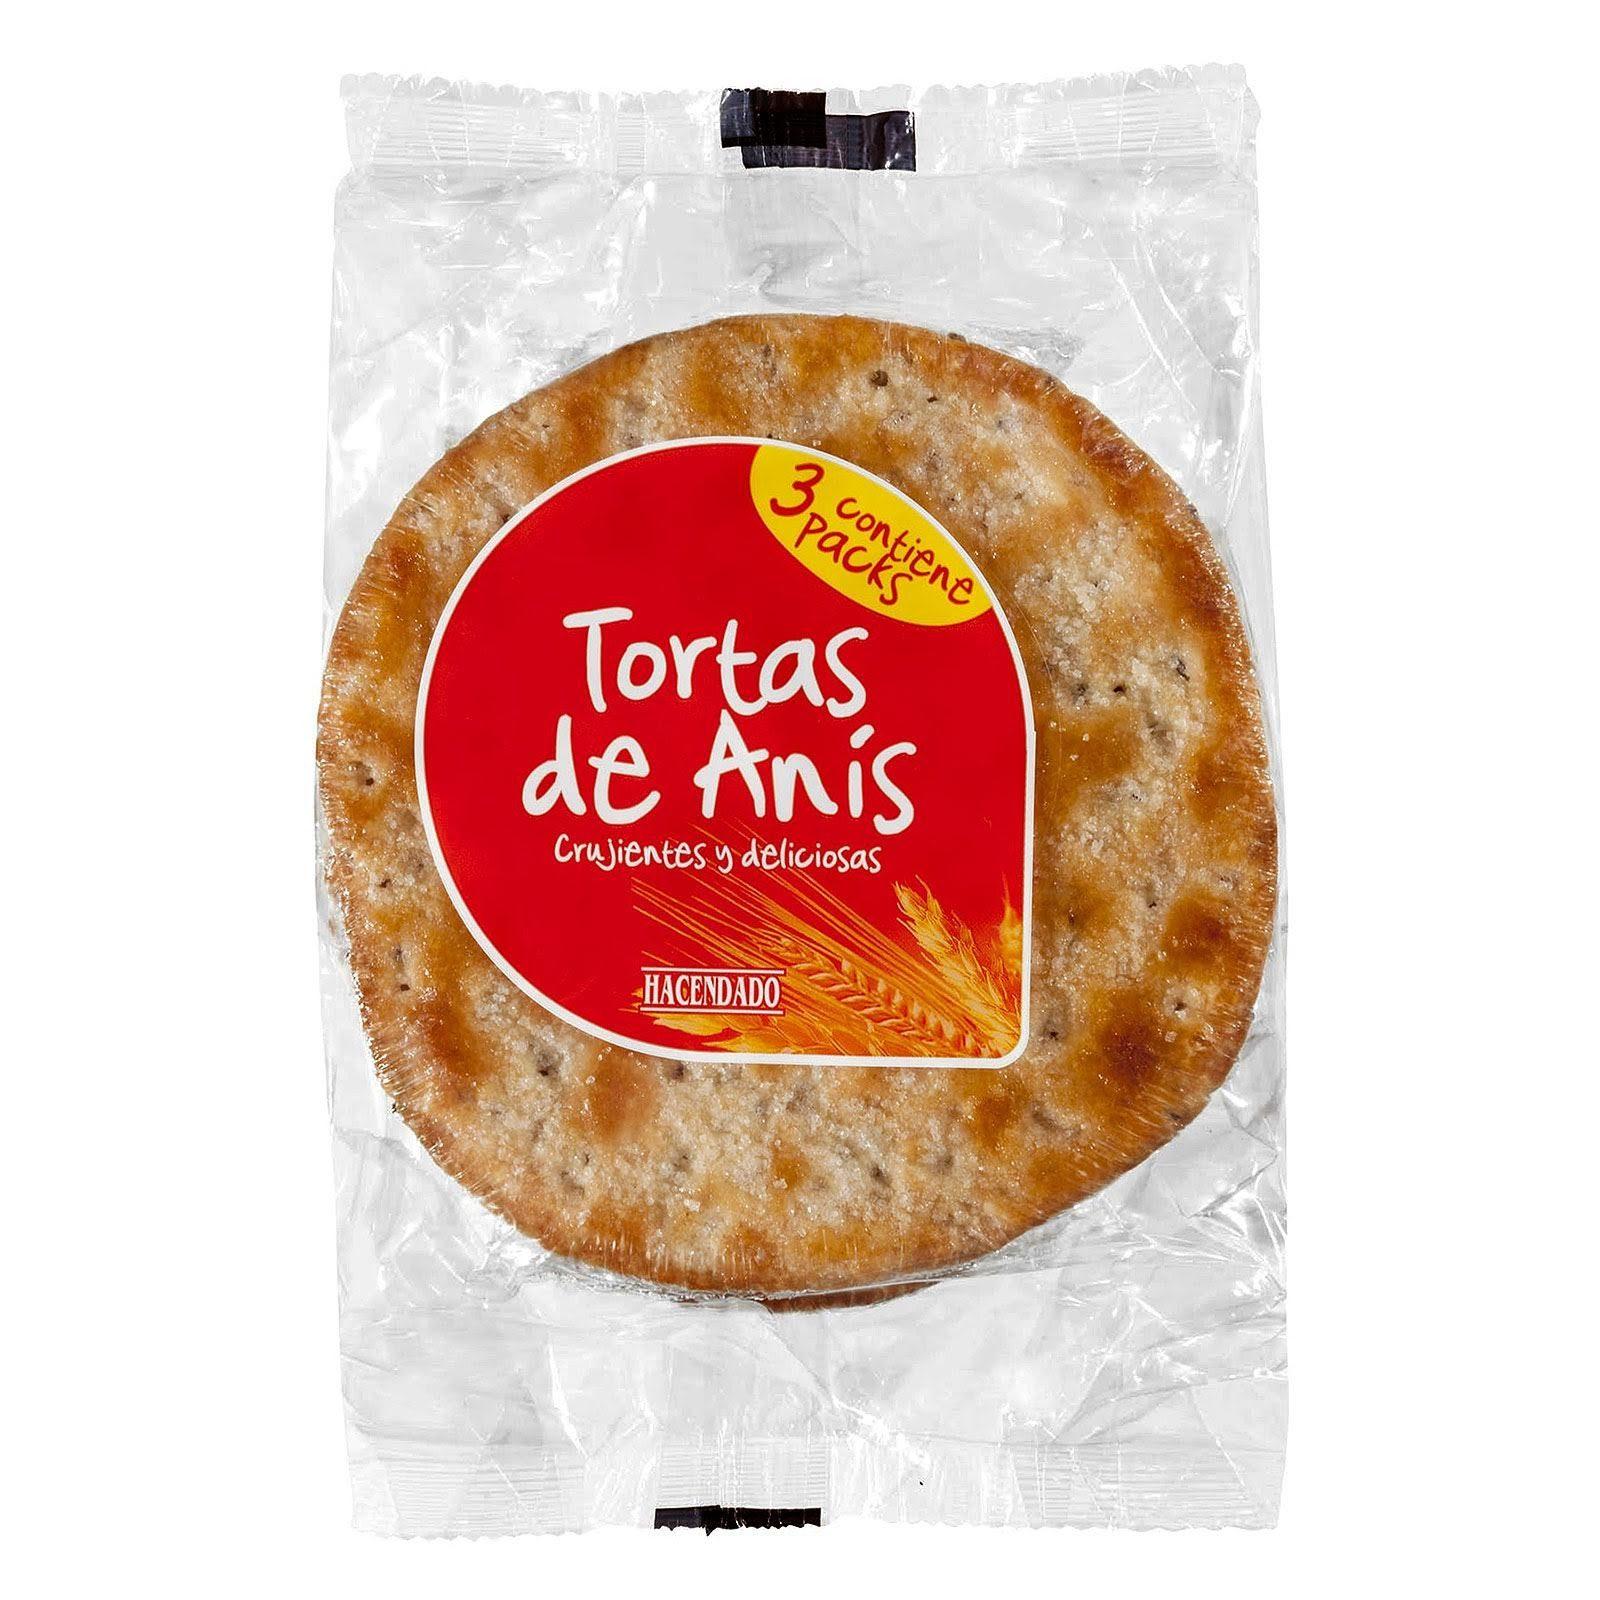 tortas-de-anis-hacendado-mercadona-1-9360480